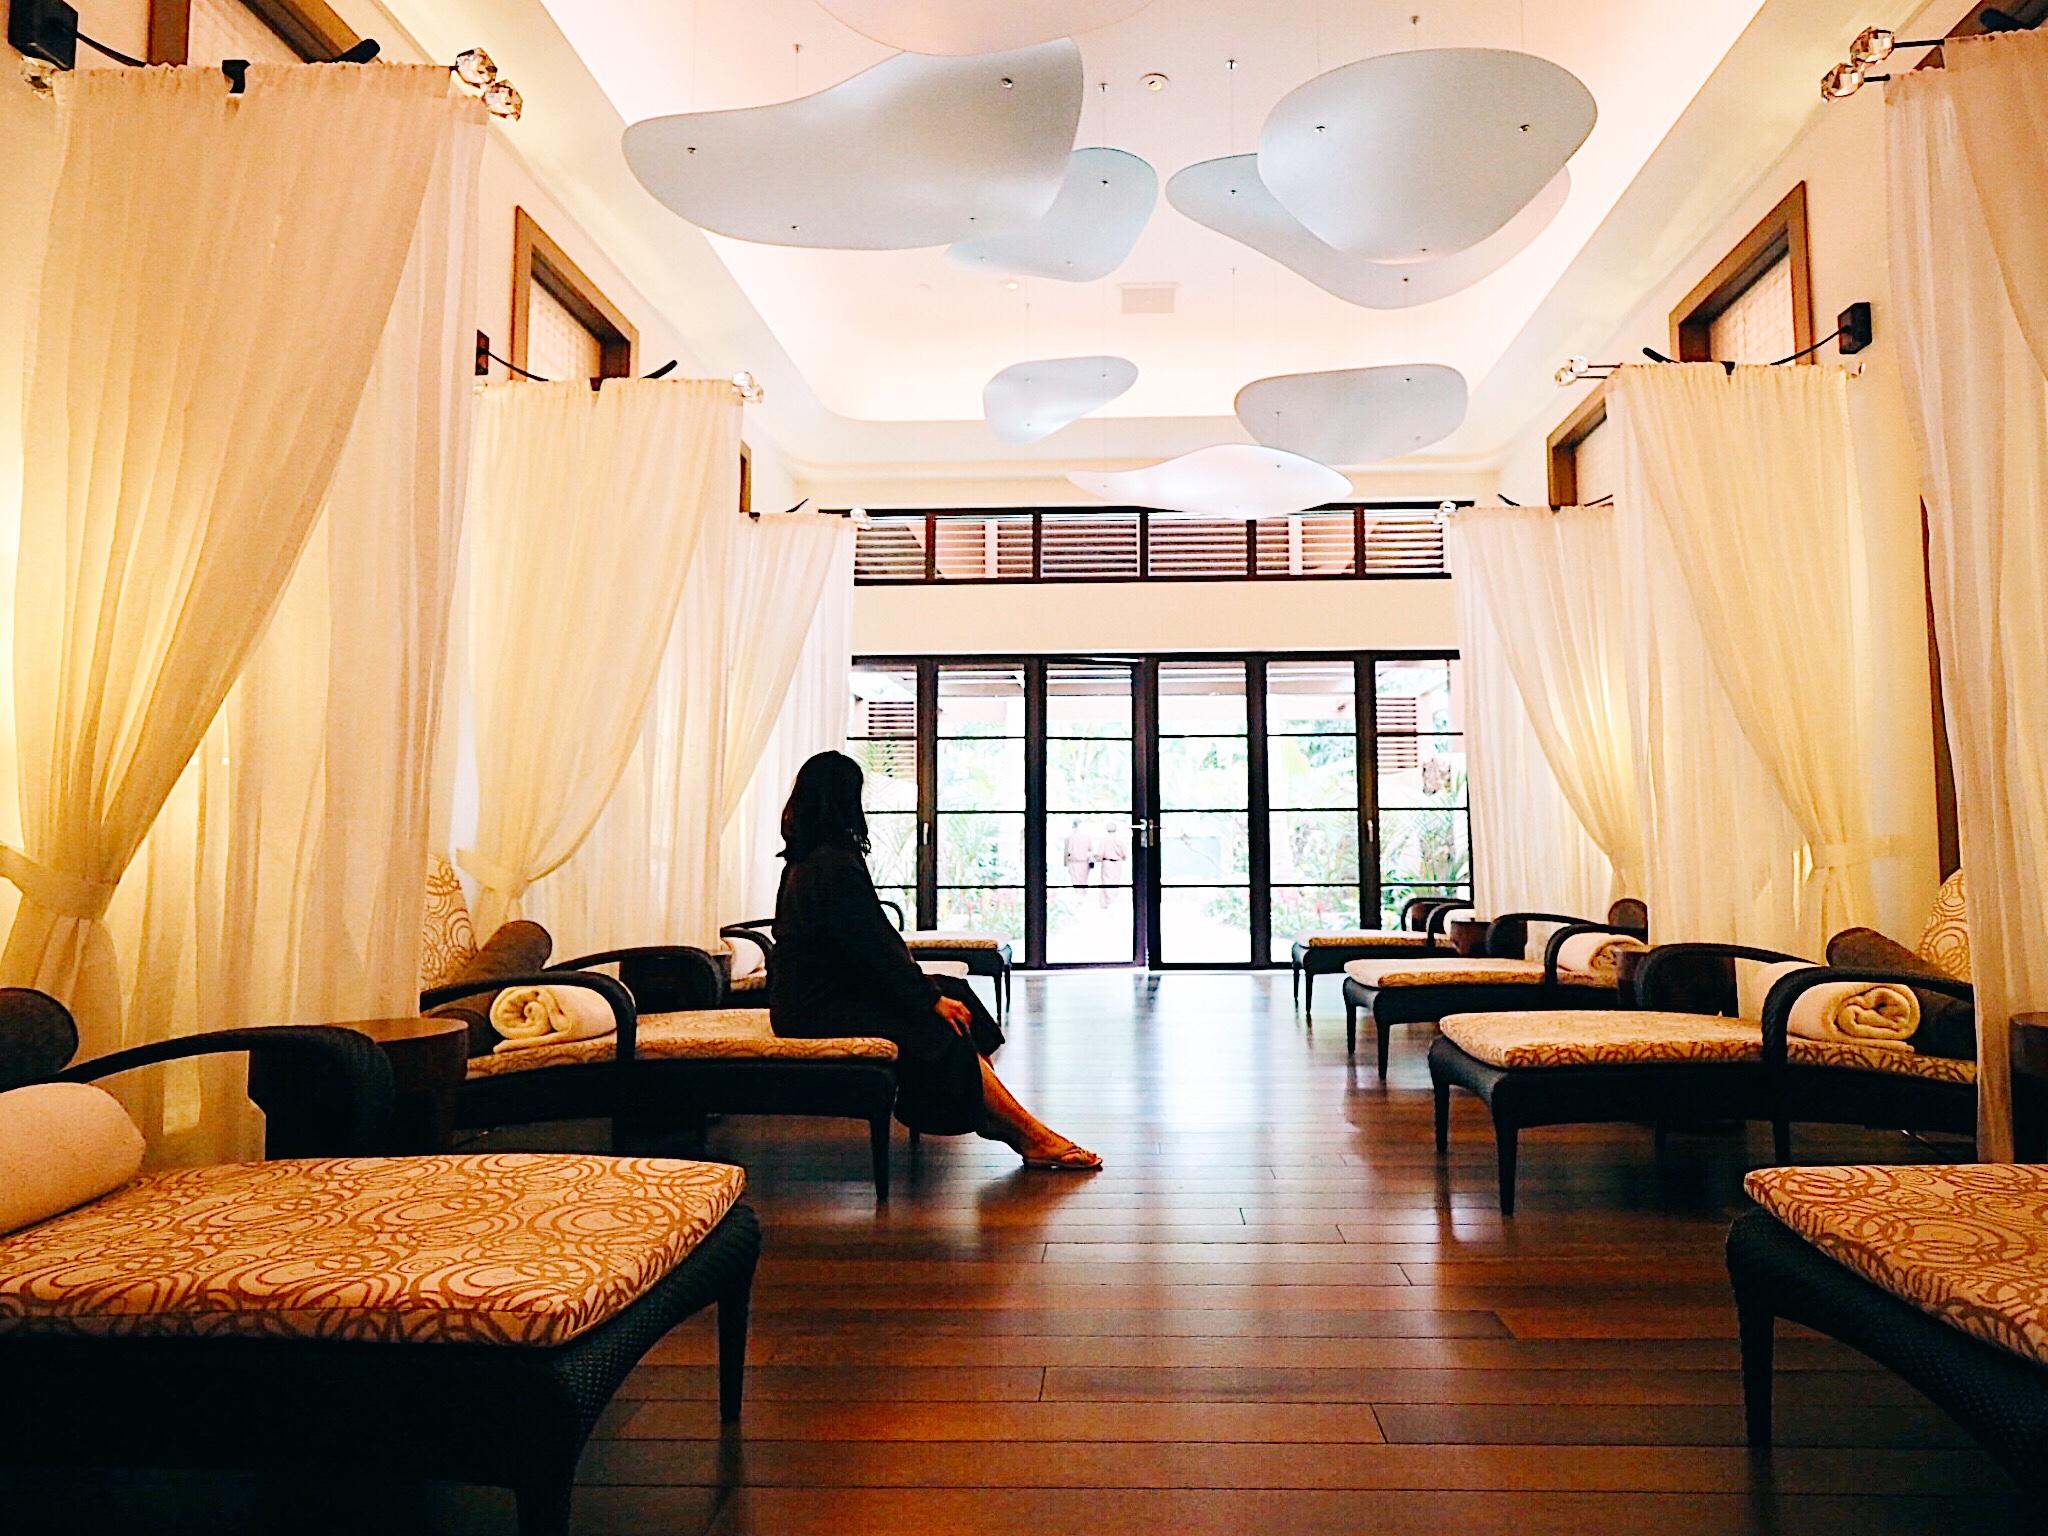 764ec1ad 8649 47da 9789 c3e05cf17d1f - Aulani, A Disney Resort & Spa  -  大人だけの空間 LANIWAI SPAでの至福の時間